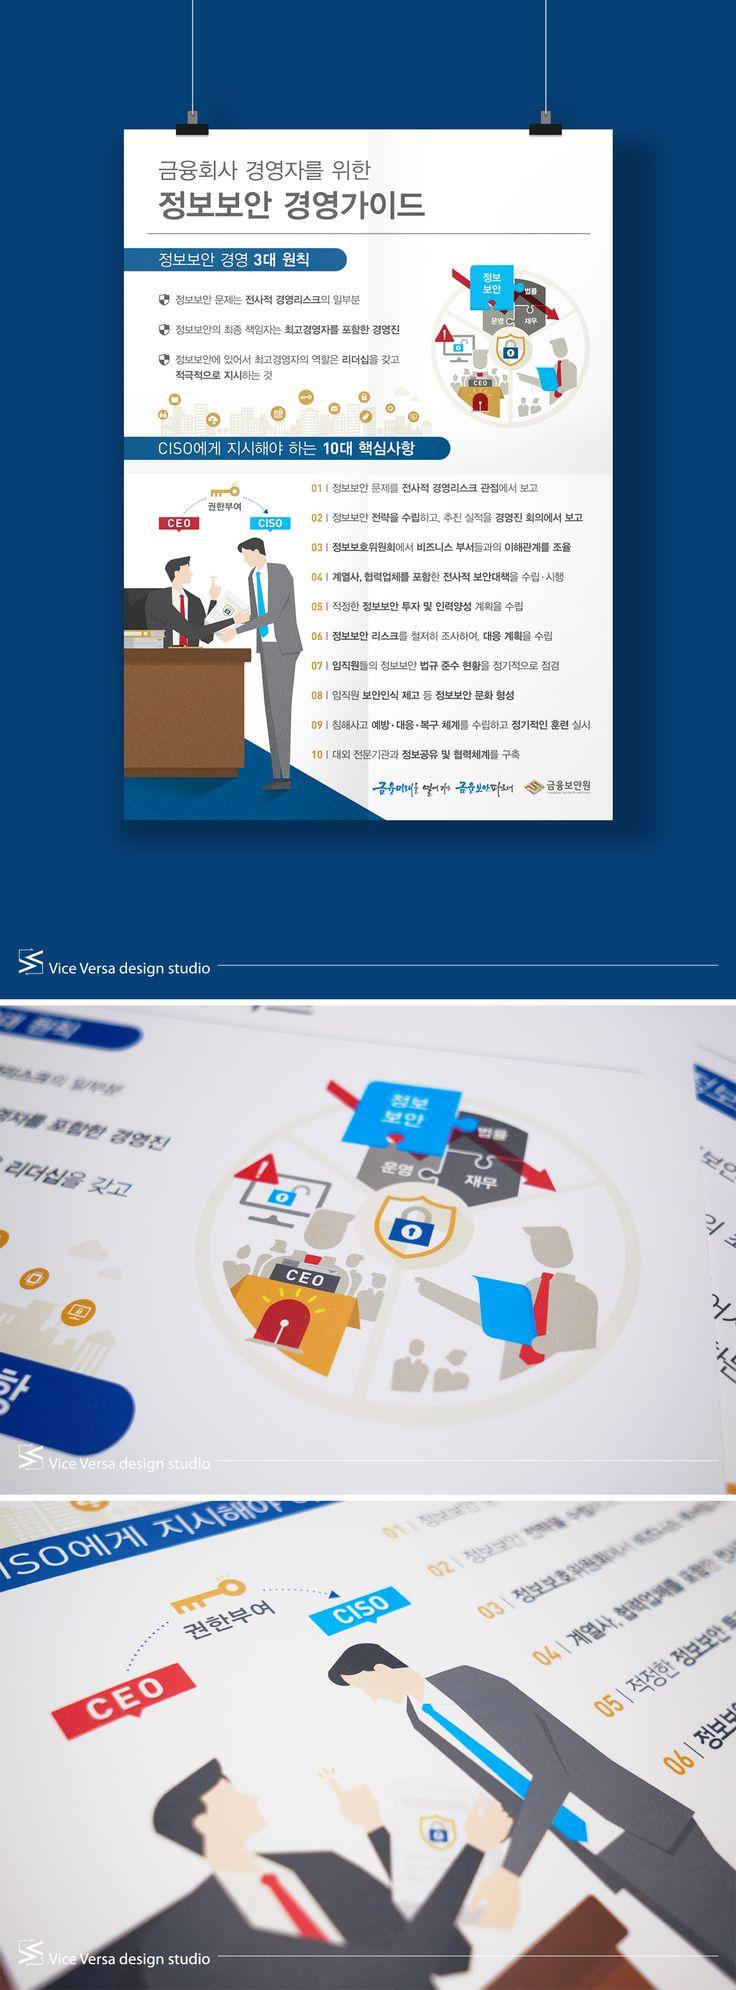 금융회사 경영자를 위한 정보보안 경영가이드